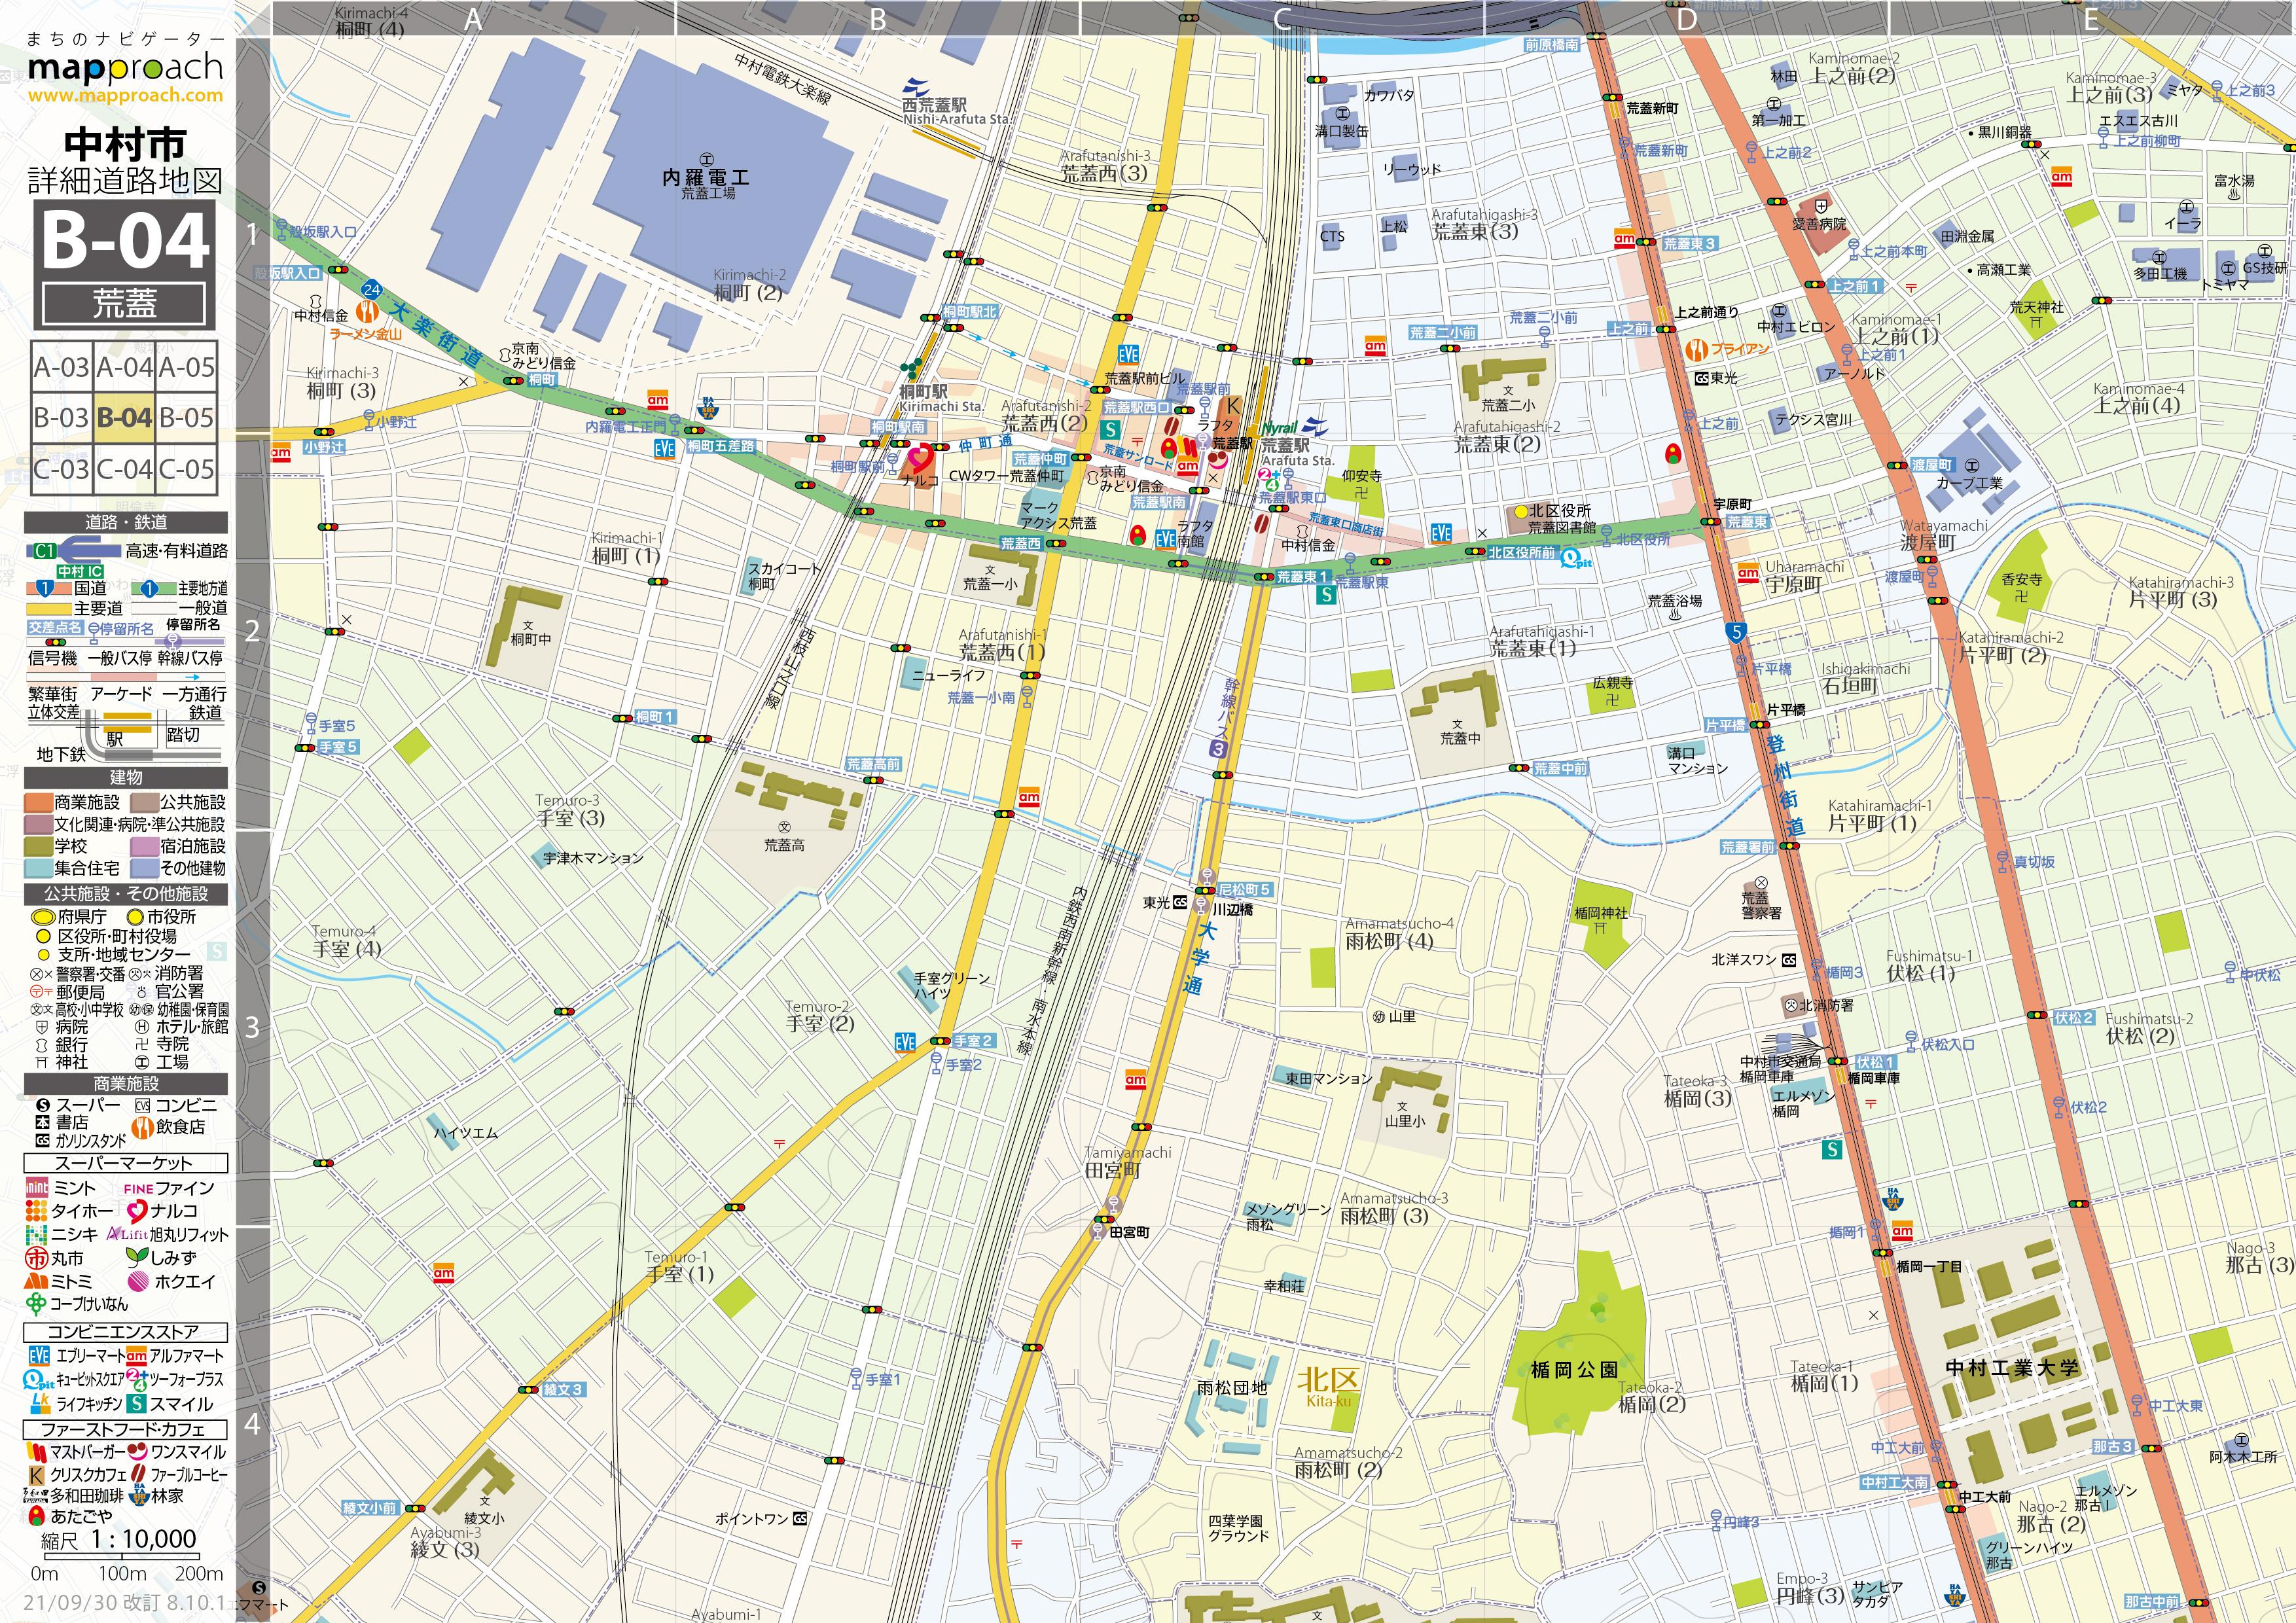 B-04 荒蓋 地図拡大